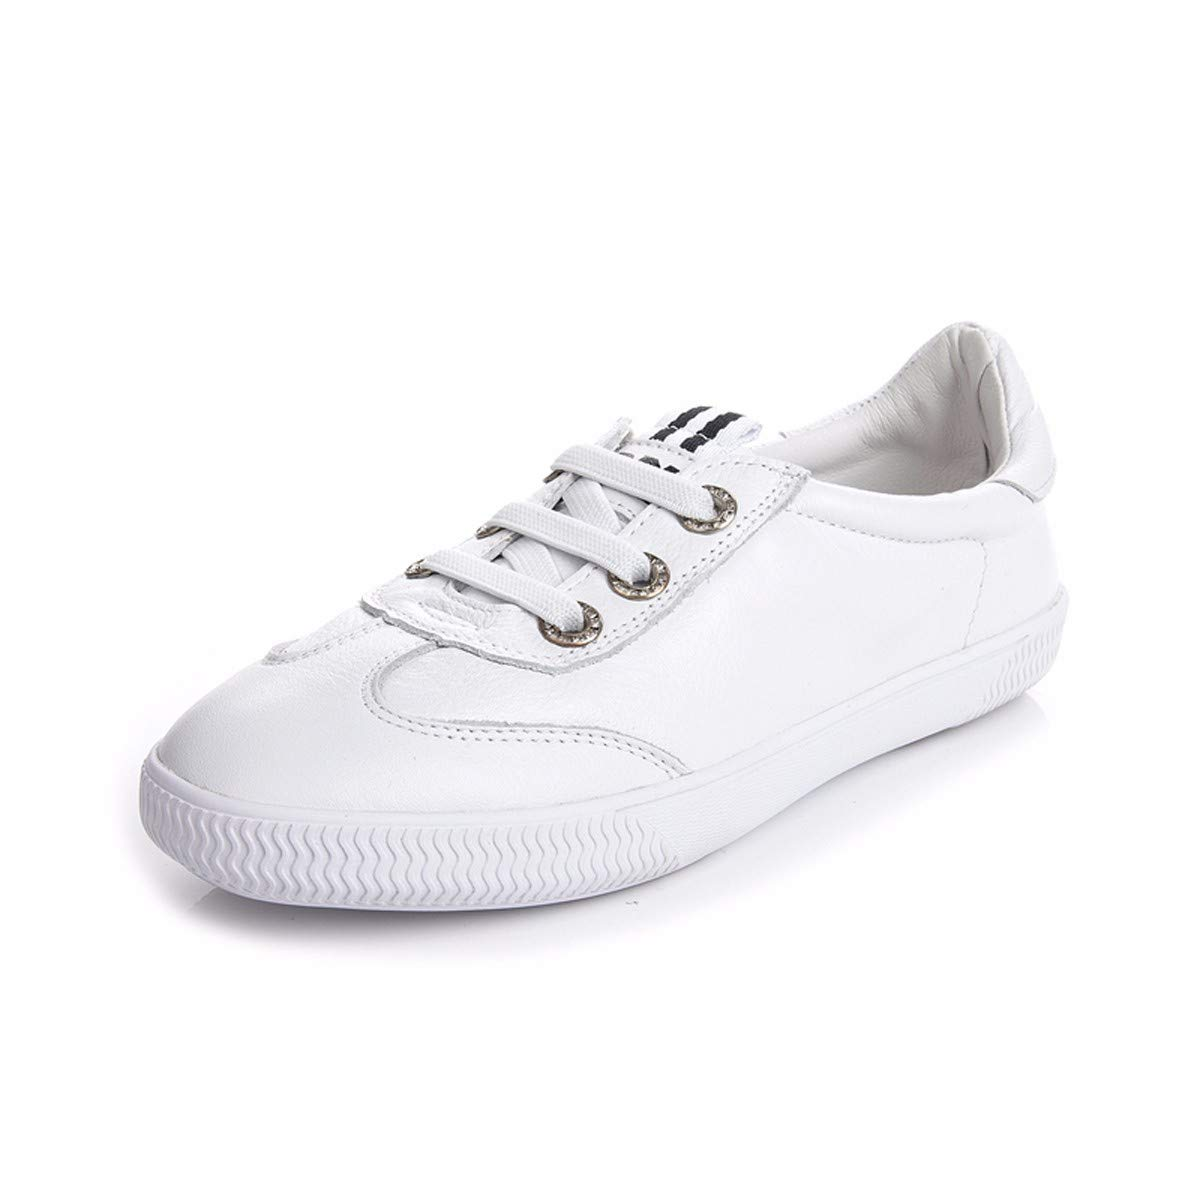 GTVERNH Damenschuhe Herbst Elastische Gürtel Flache Sohle Sohle Sohle Schuhe Lässig Schuhe Schuhe und Vorstand. b4ad78